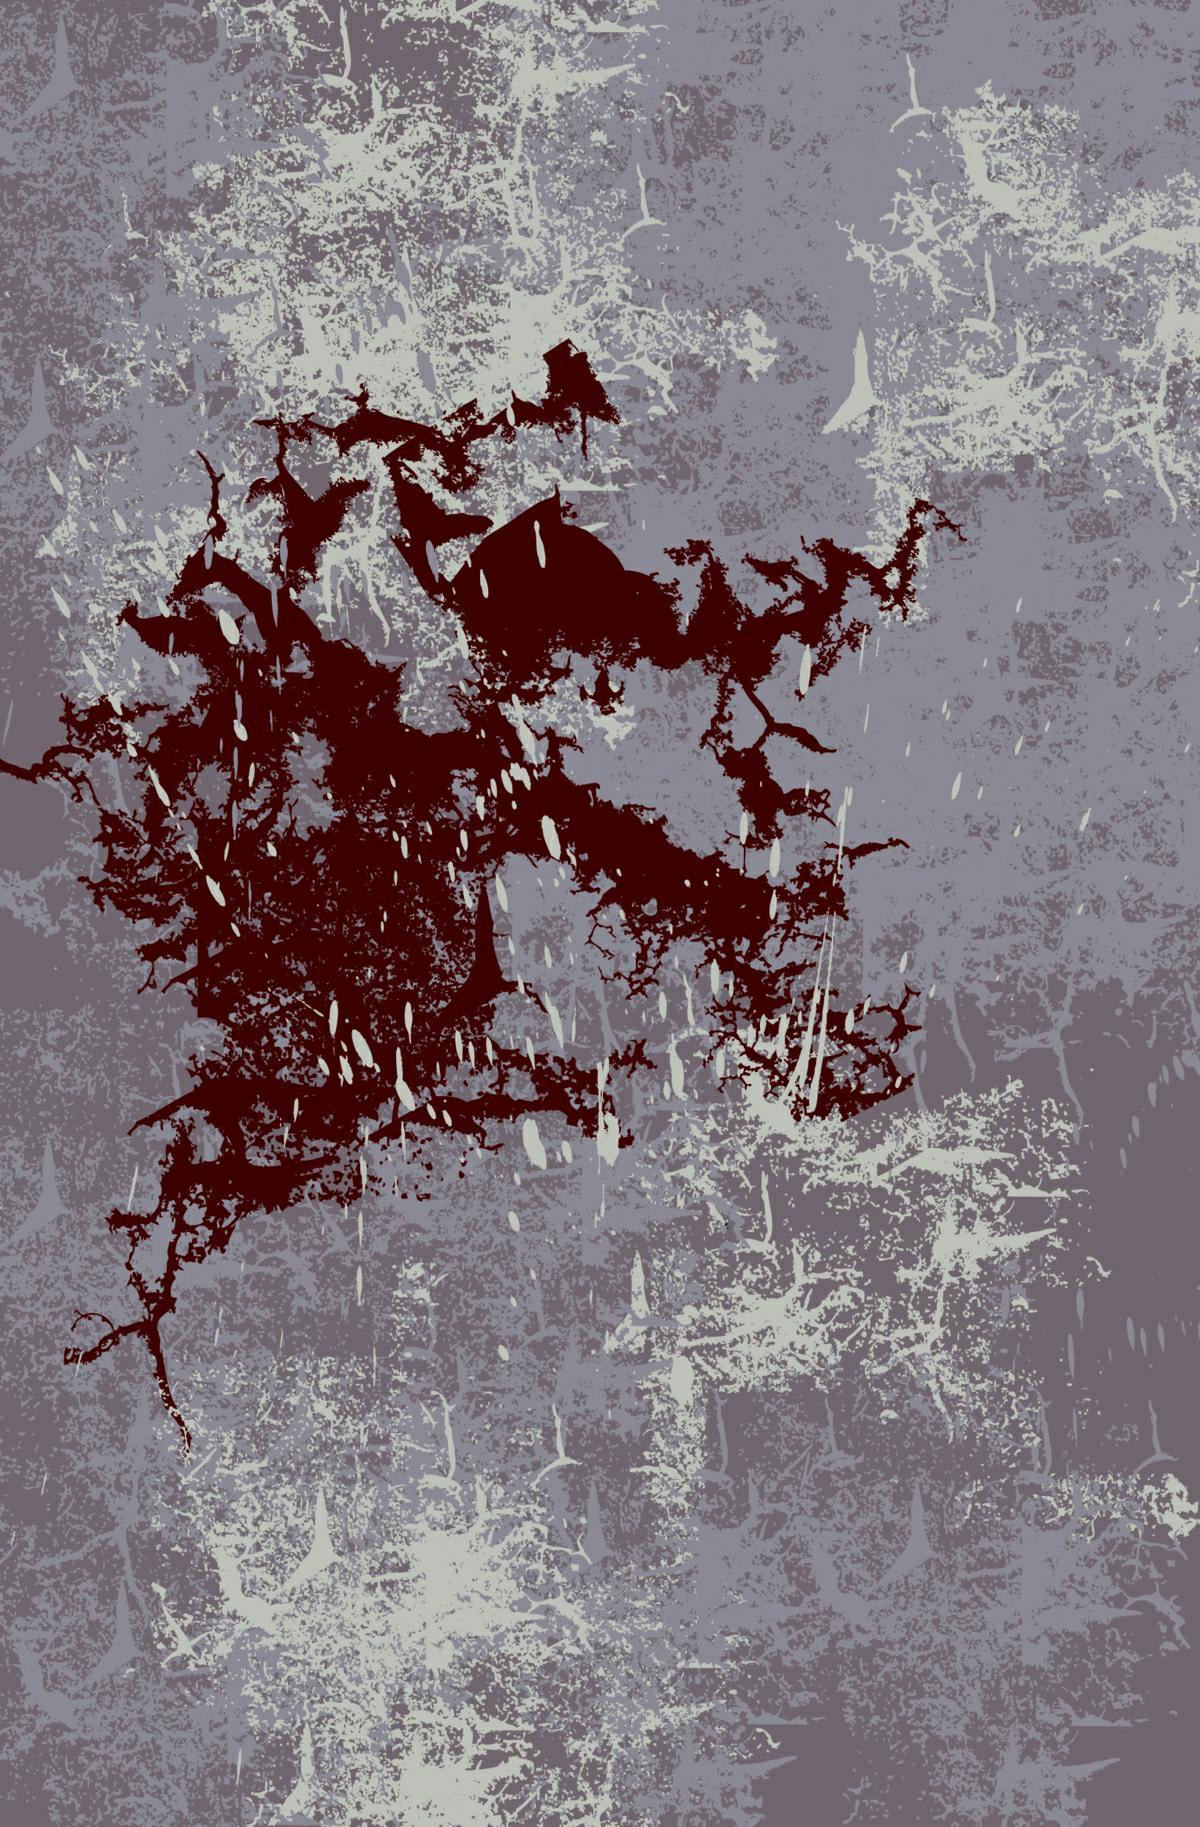 0020_纹理_AI复古破旧痕迹纹理背景矢量设计素材大图02辑-Metal-Grunge-Texture-4_xPX_AI_DPI_17_0